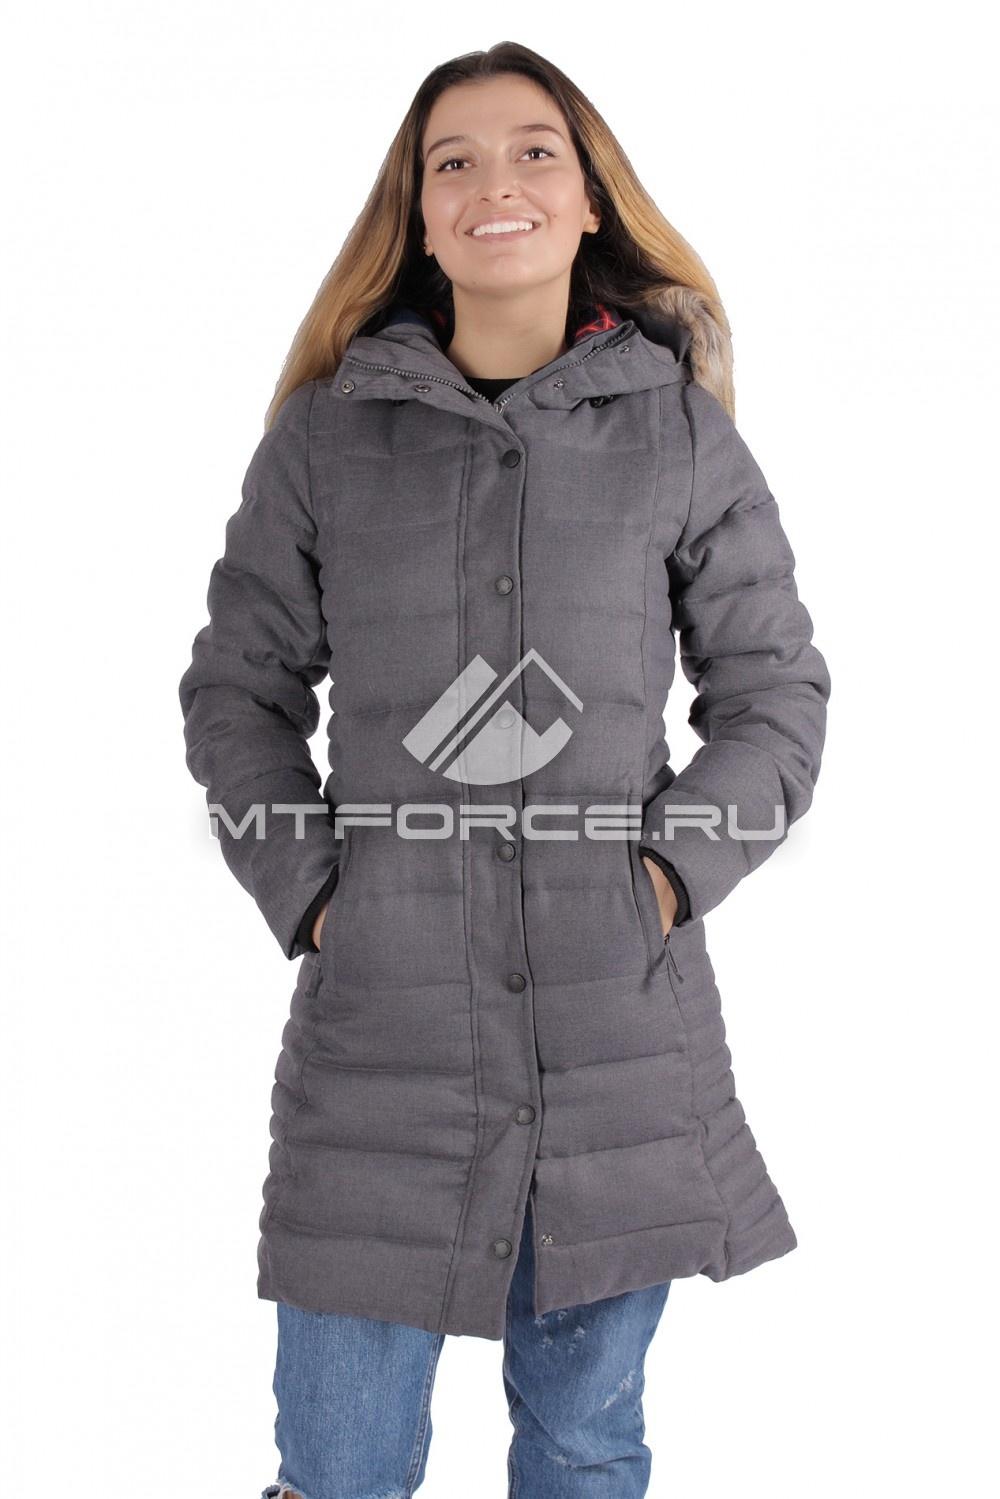 Купить                                  оптом Куртка зимняя женская серый цвета F05Sr